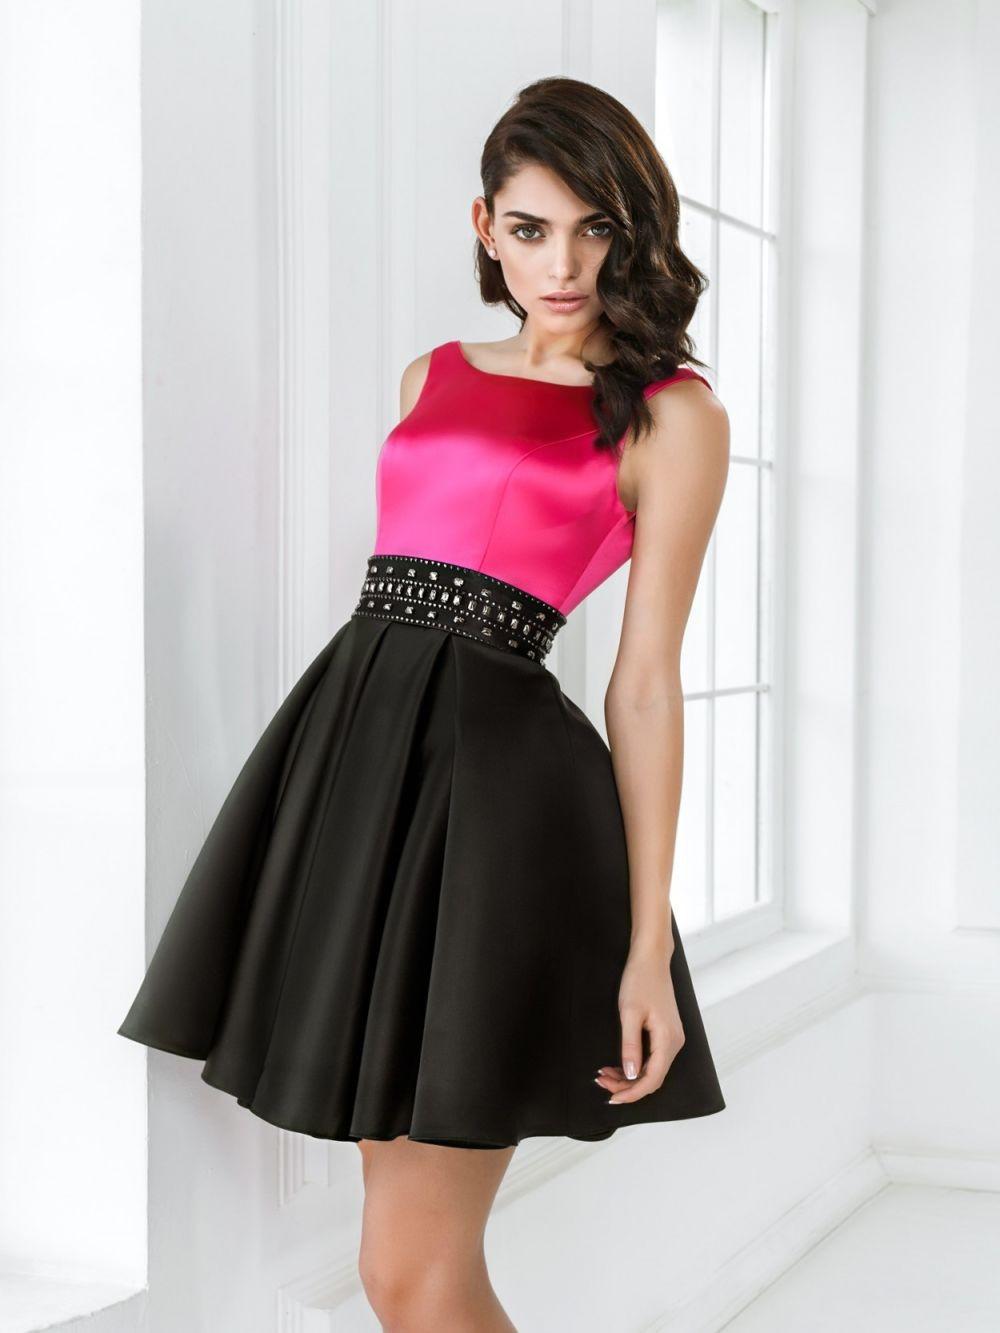 Вечерние платья 2019 фото новинки короткие на выпускной: платье с поясом,розового цвета с черной юбкой